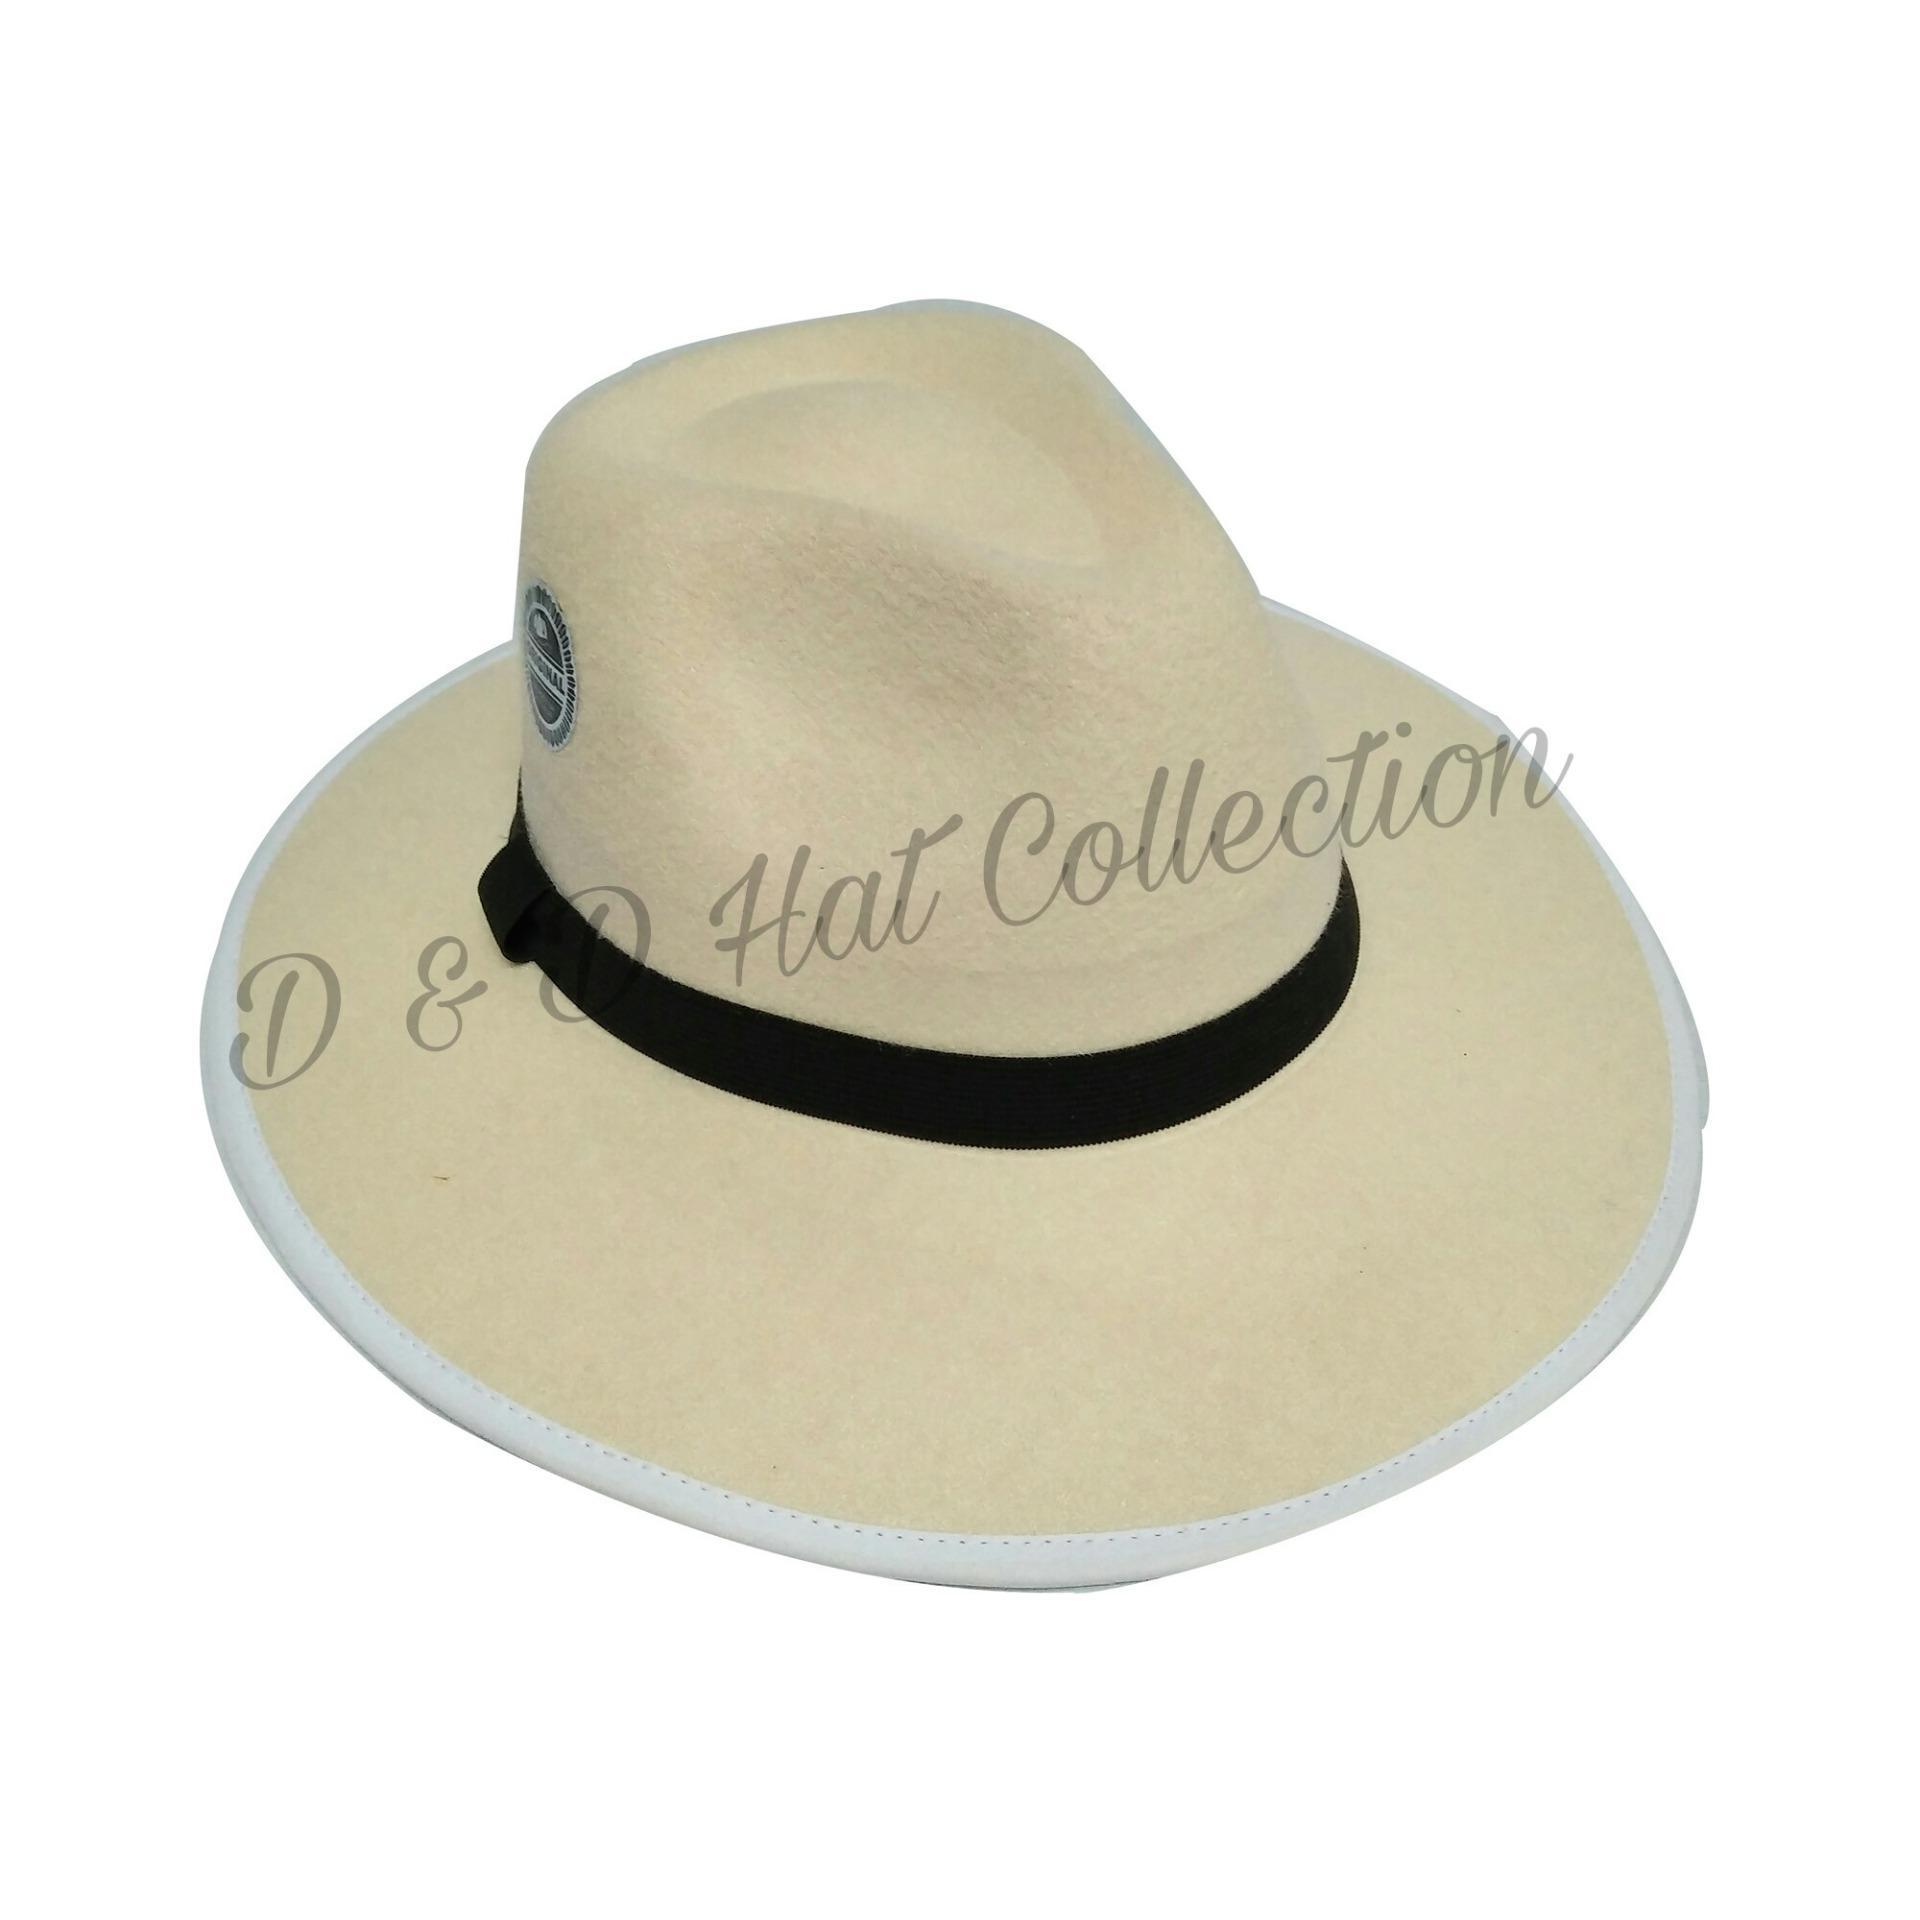 D & D Hat Collection Fedora Panama Wide Brim Hat Gangster Cap / Topi Fedora Brim Lebar - Putih Tulang